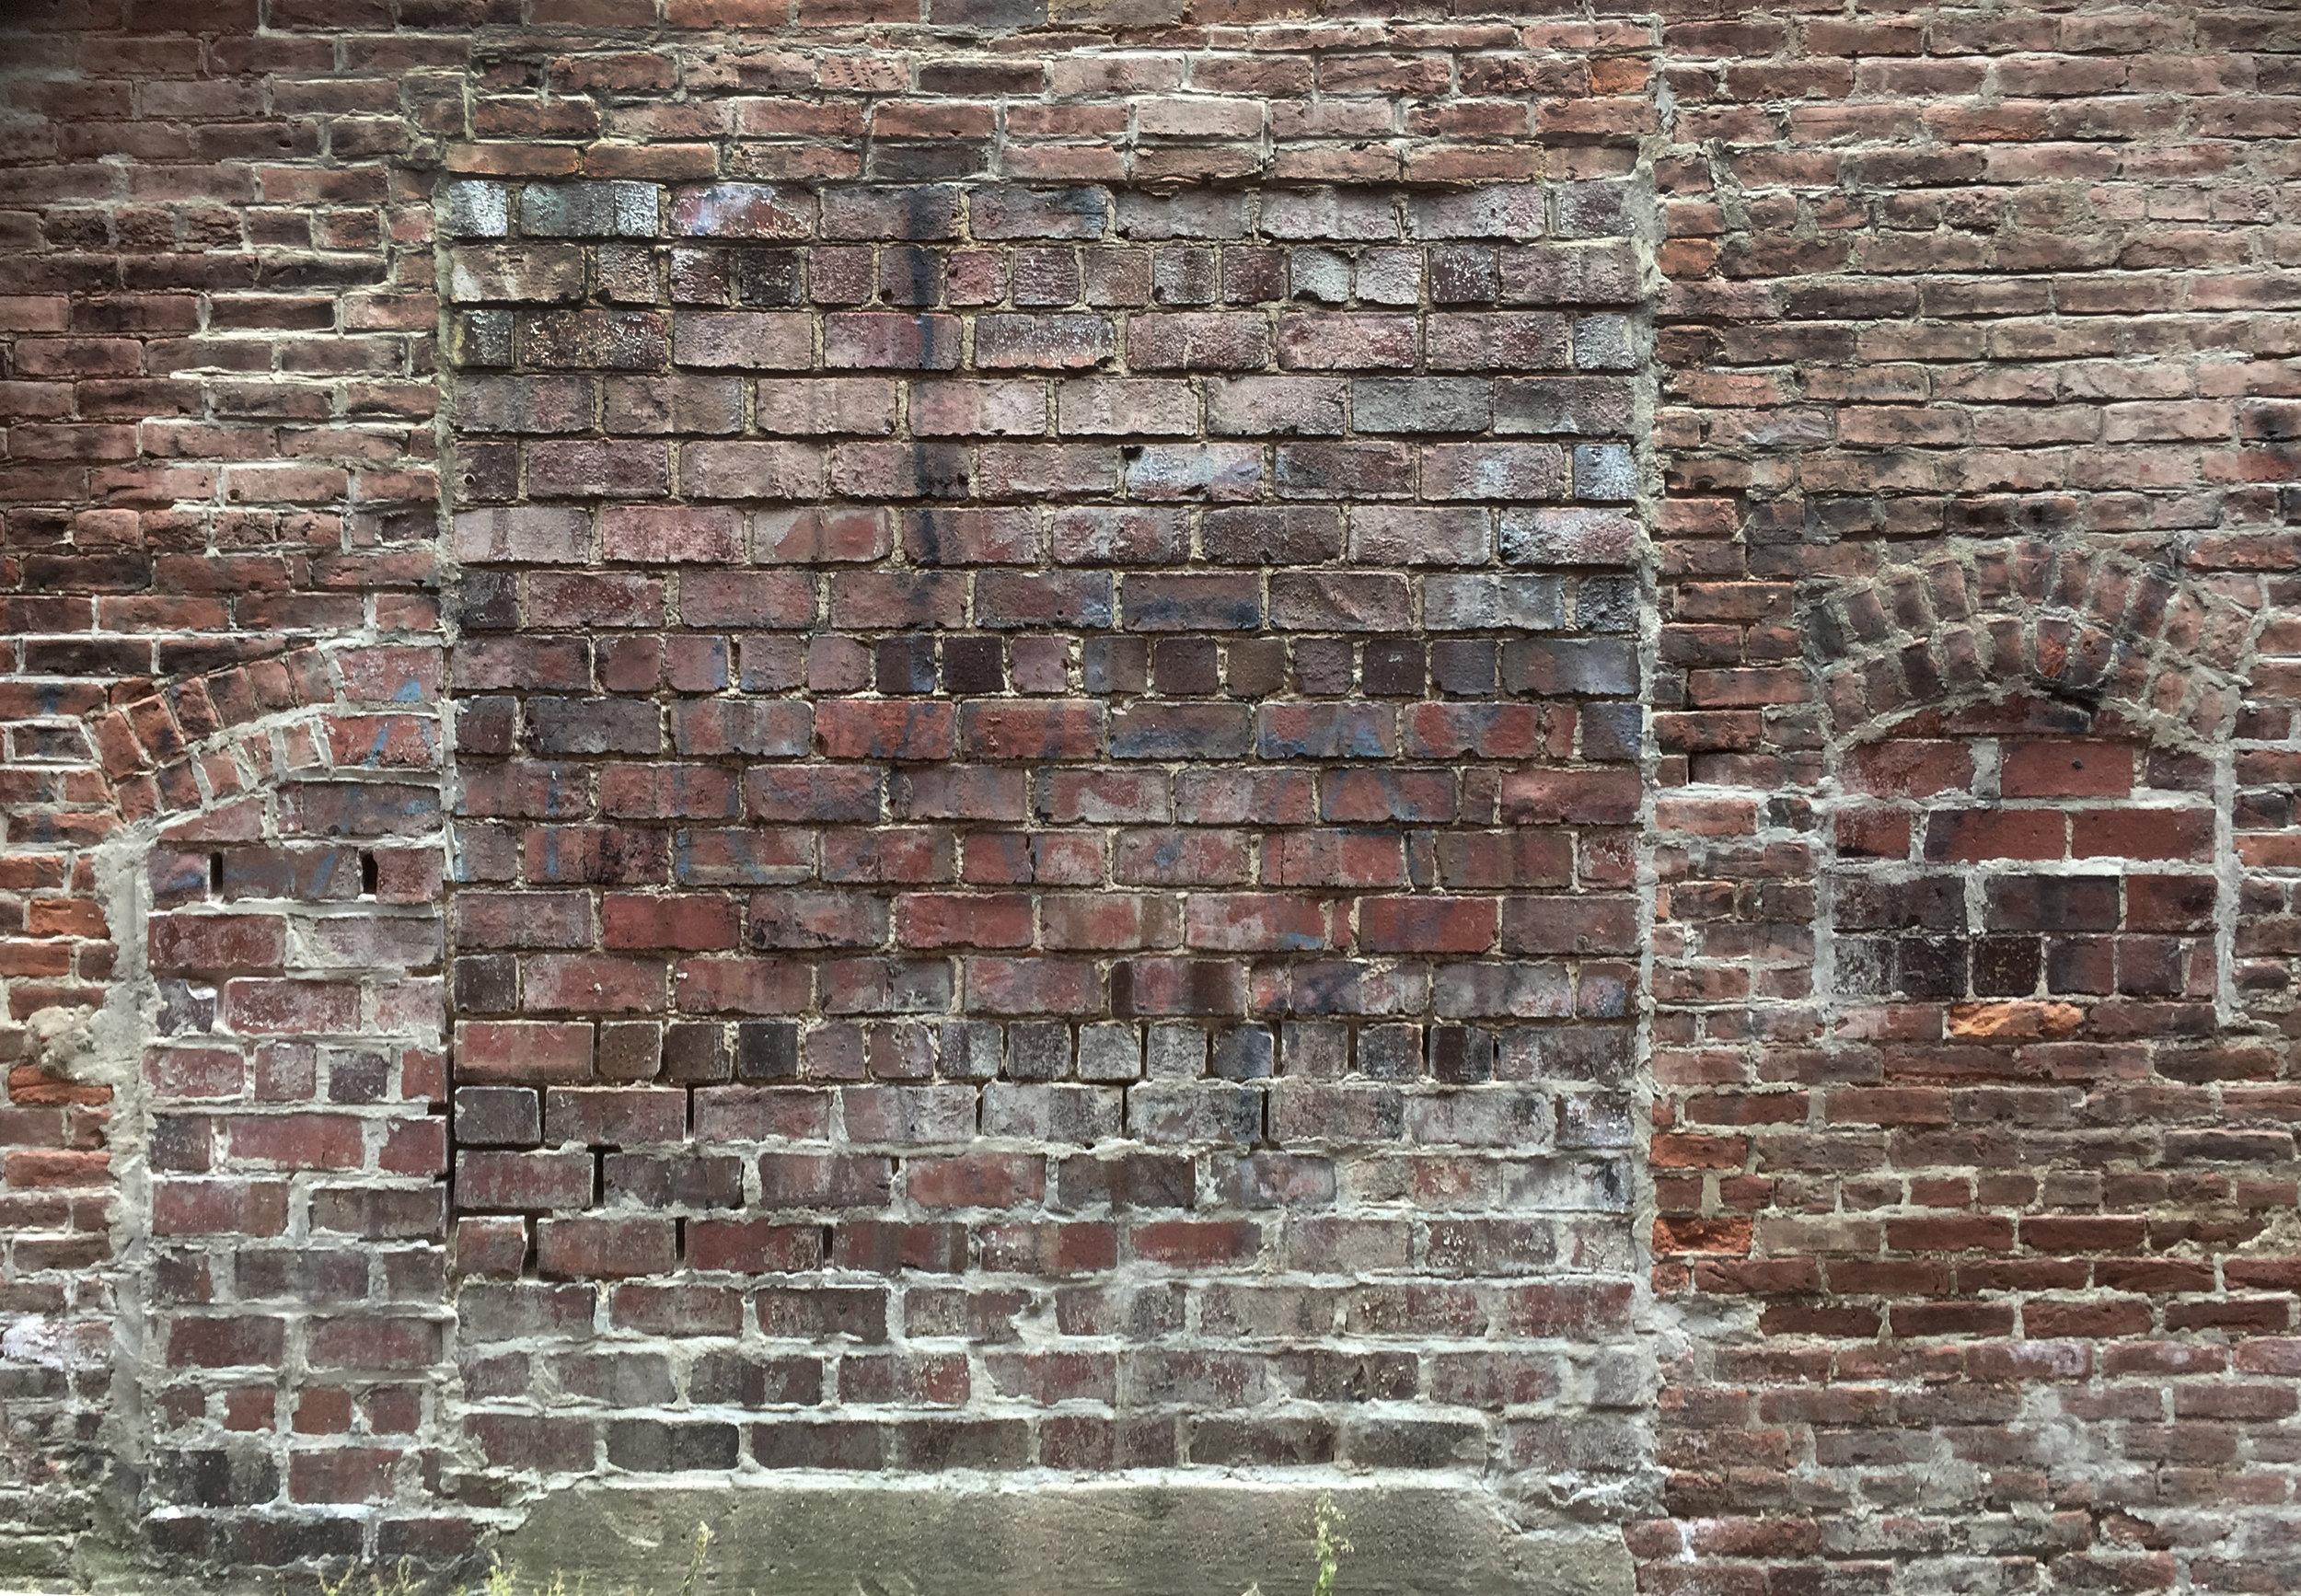 Dramaturgy of a Brick Wall